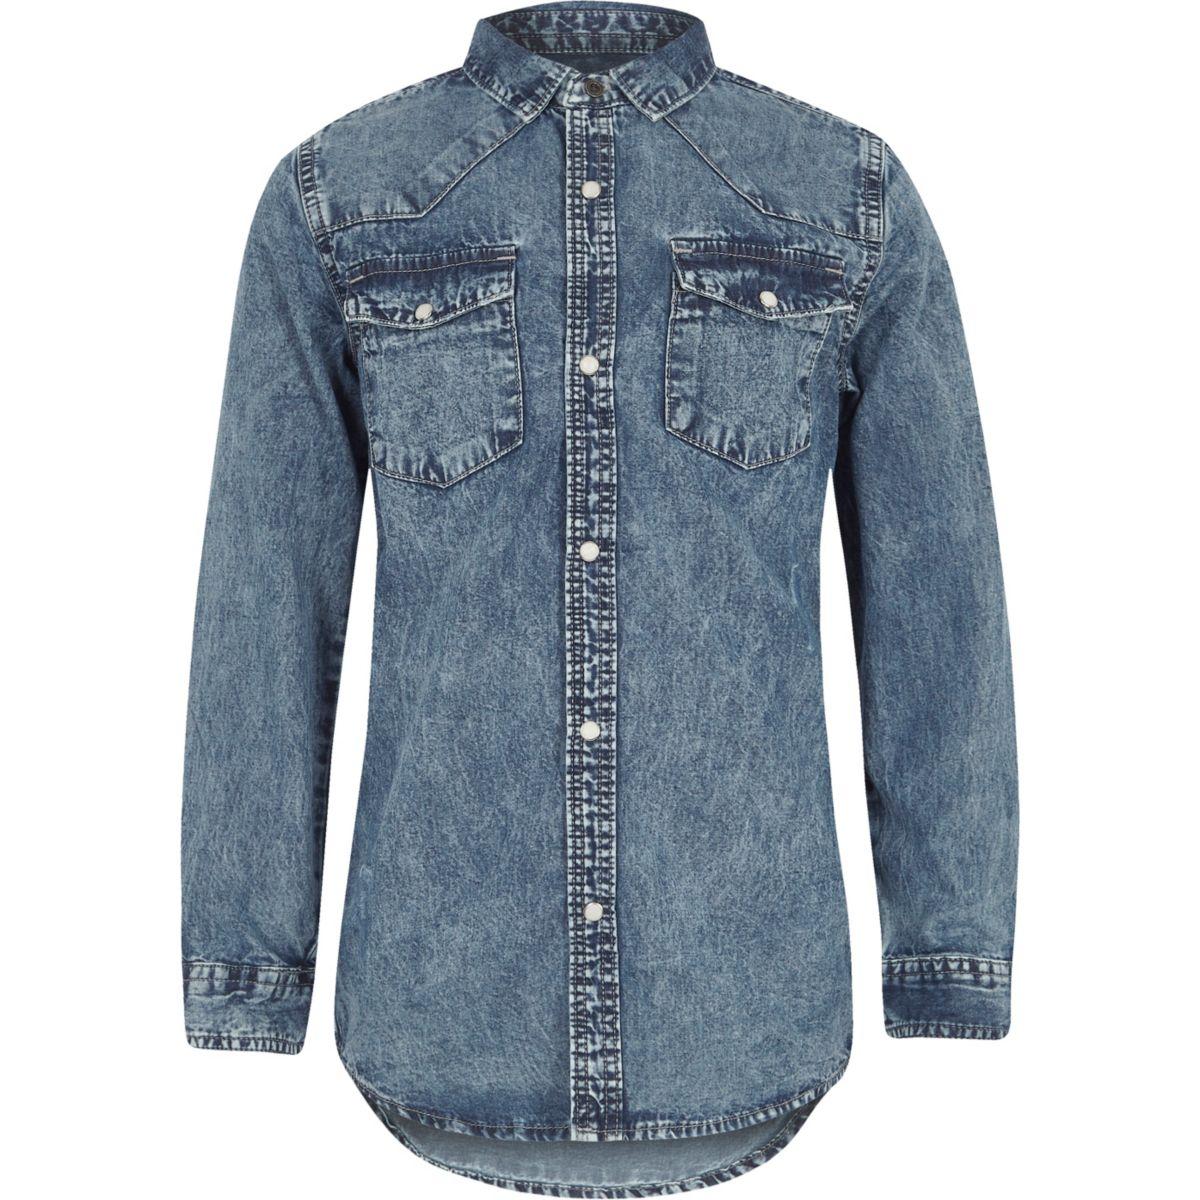 Chemise en jean bleu délavée à l'acide à manches longues